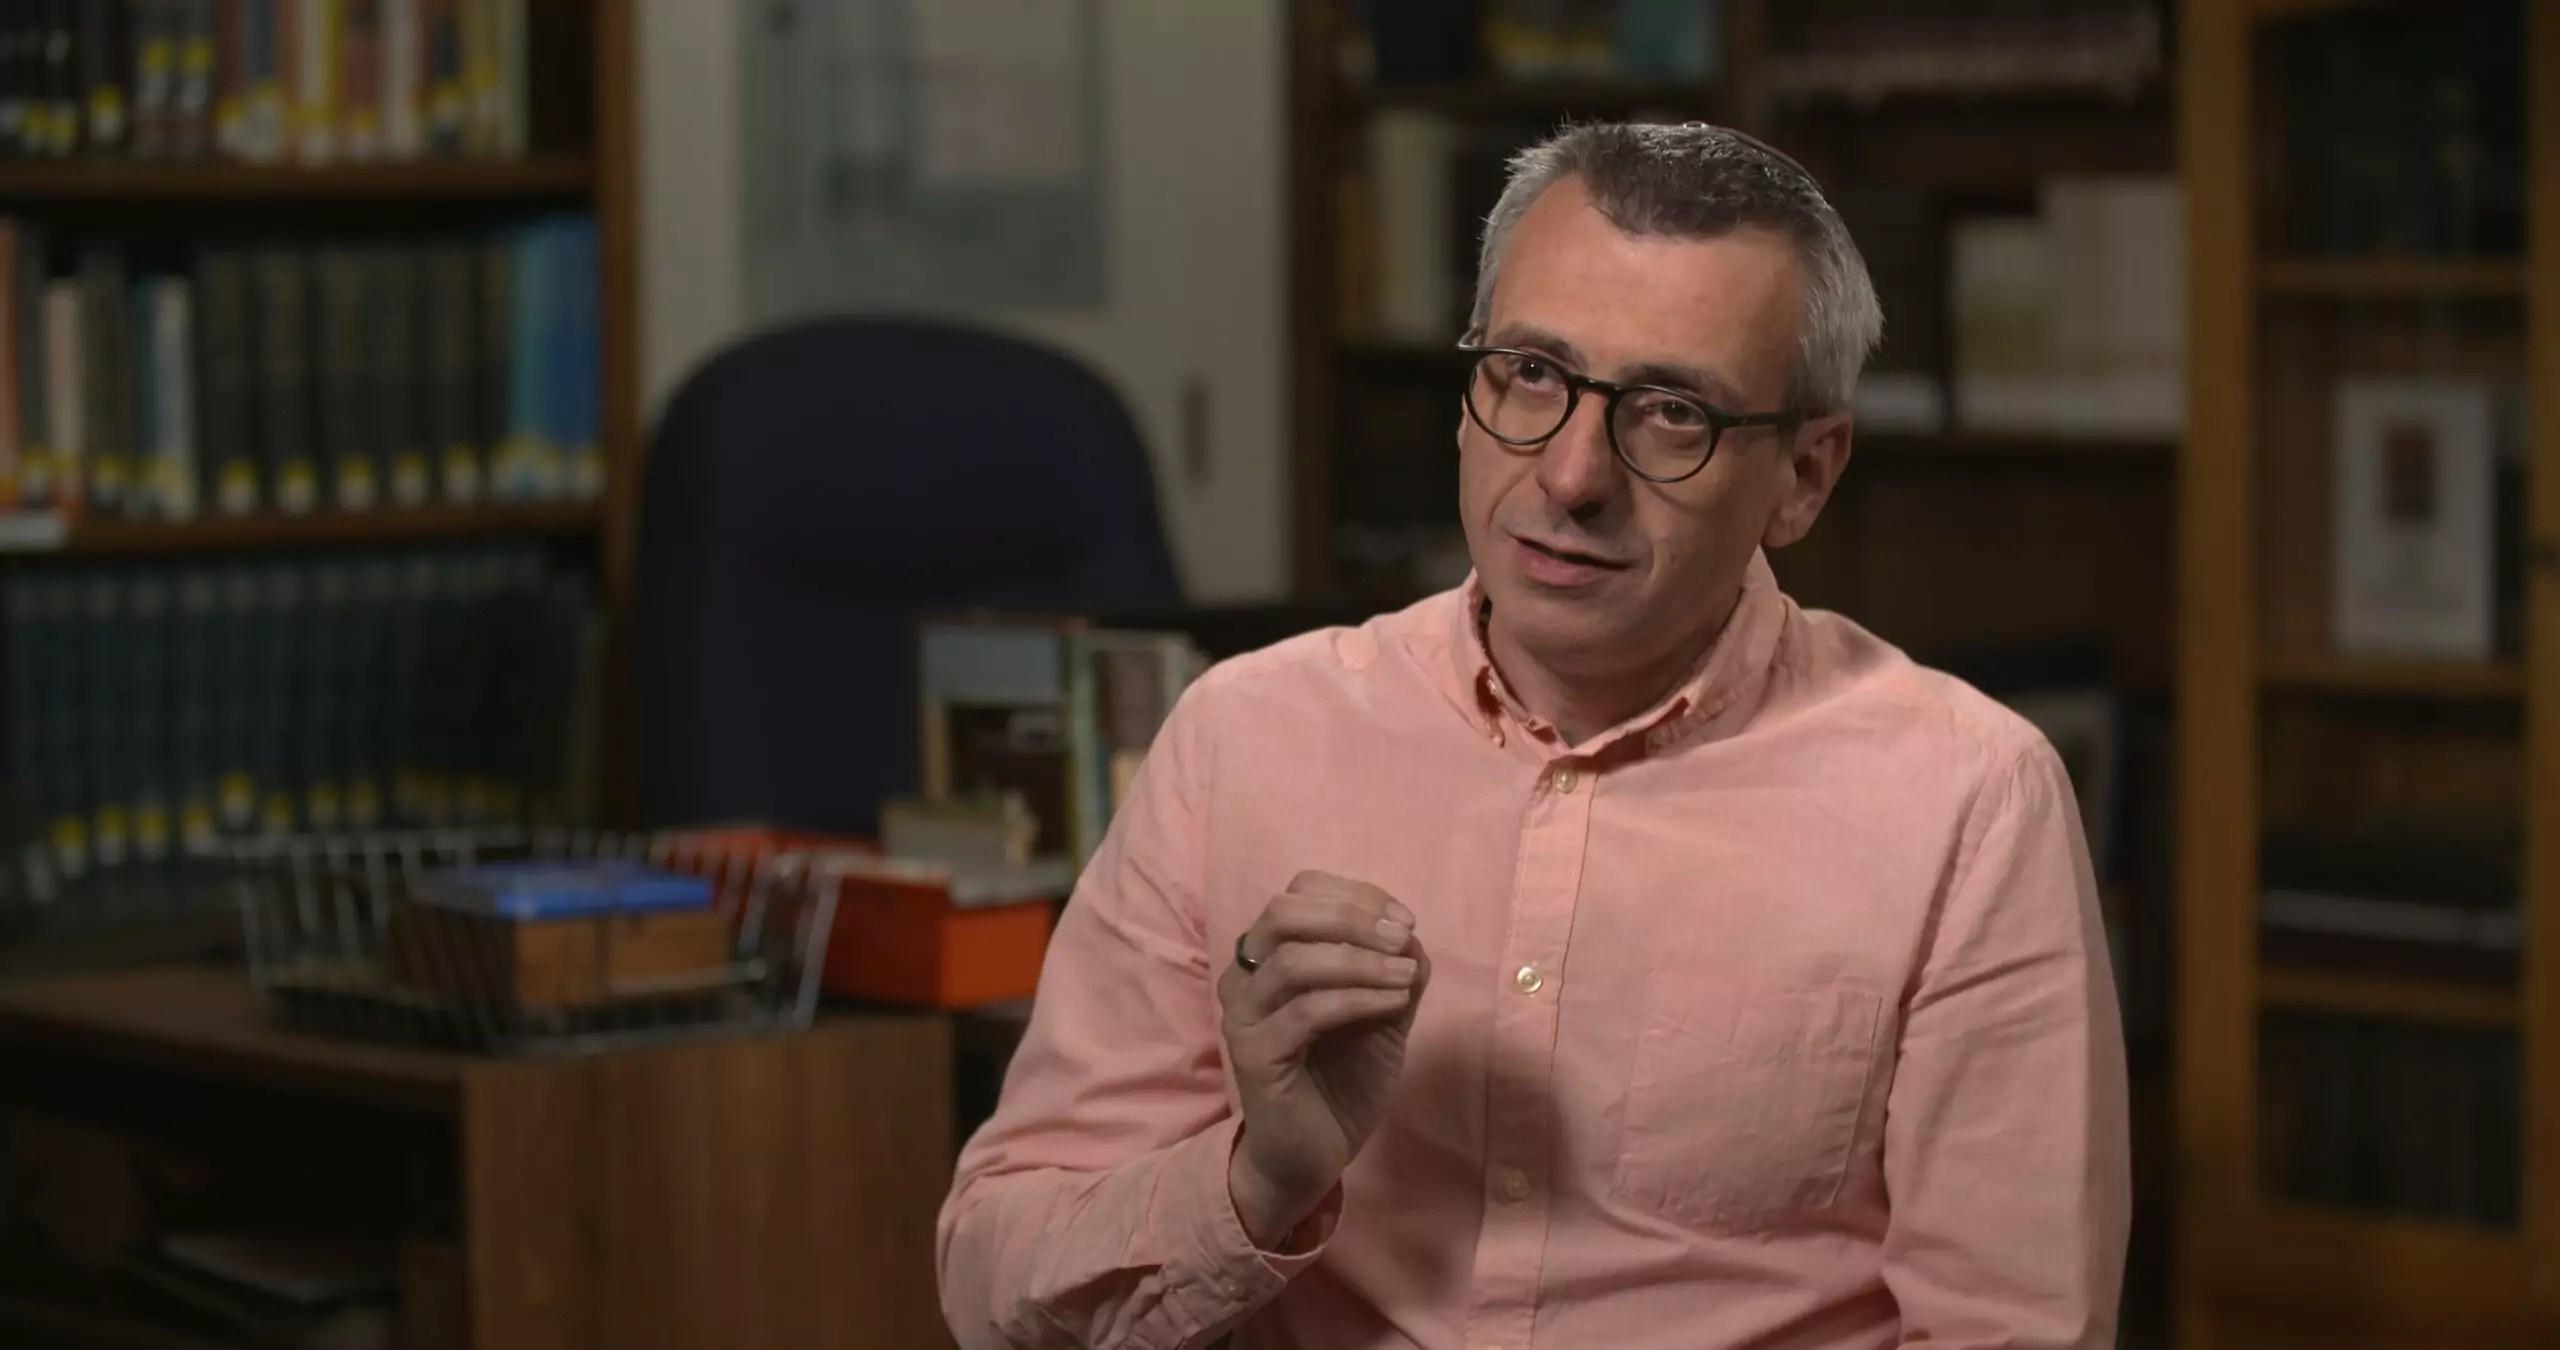 Portrait of Rabbi Jordi Gendra-Molina.